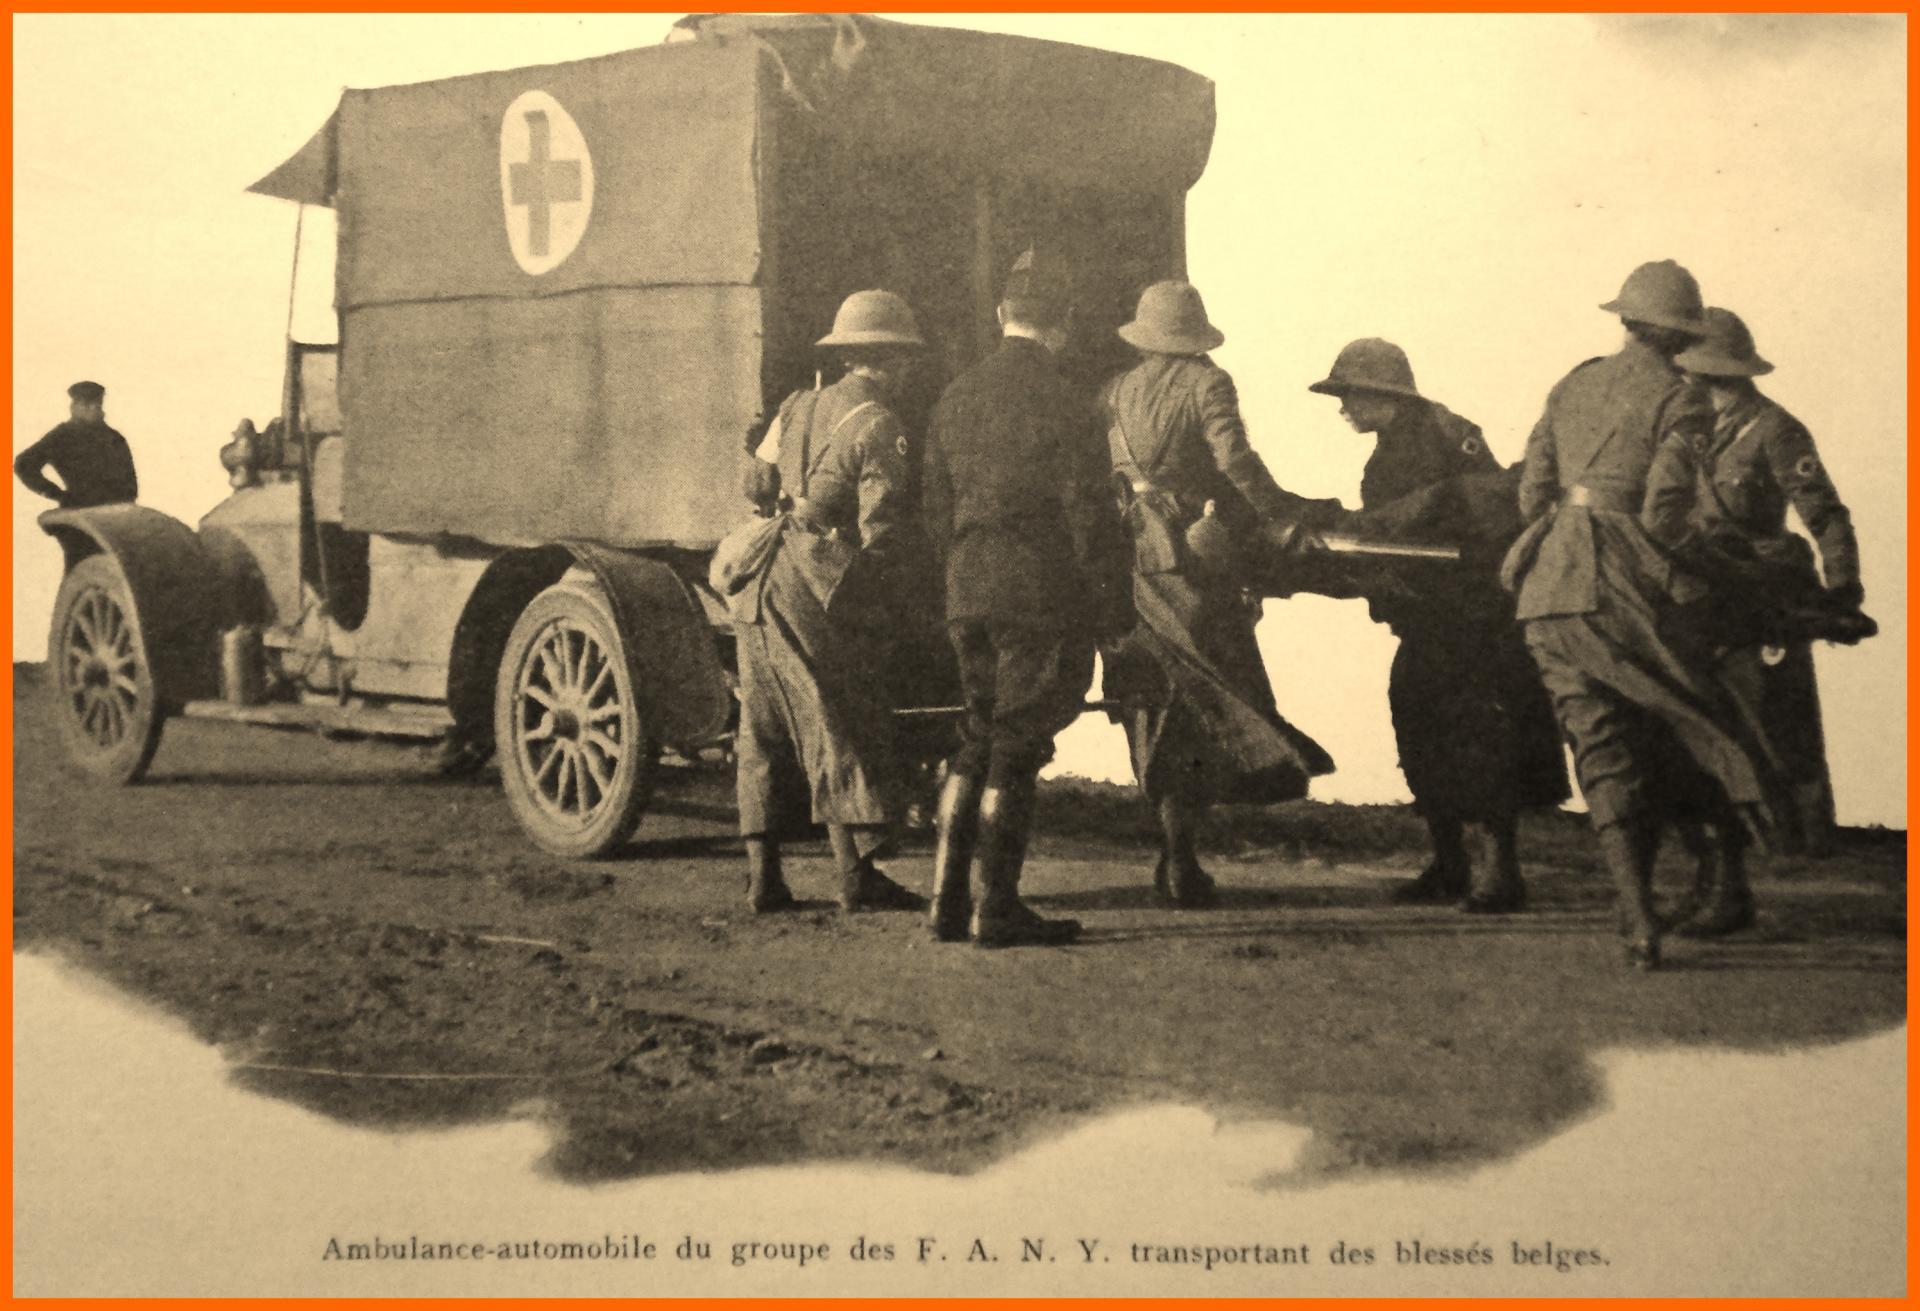 Calais 14 18 ambulance automobile du groupe des fany encadre 1